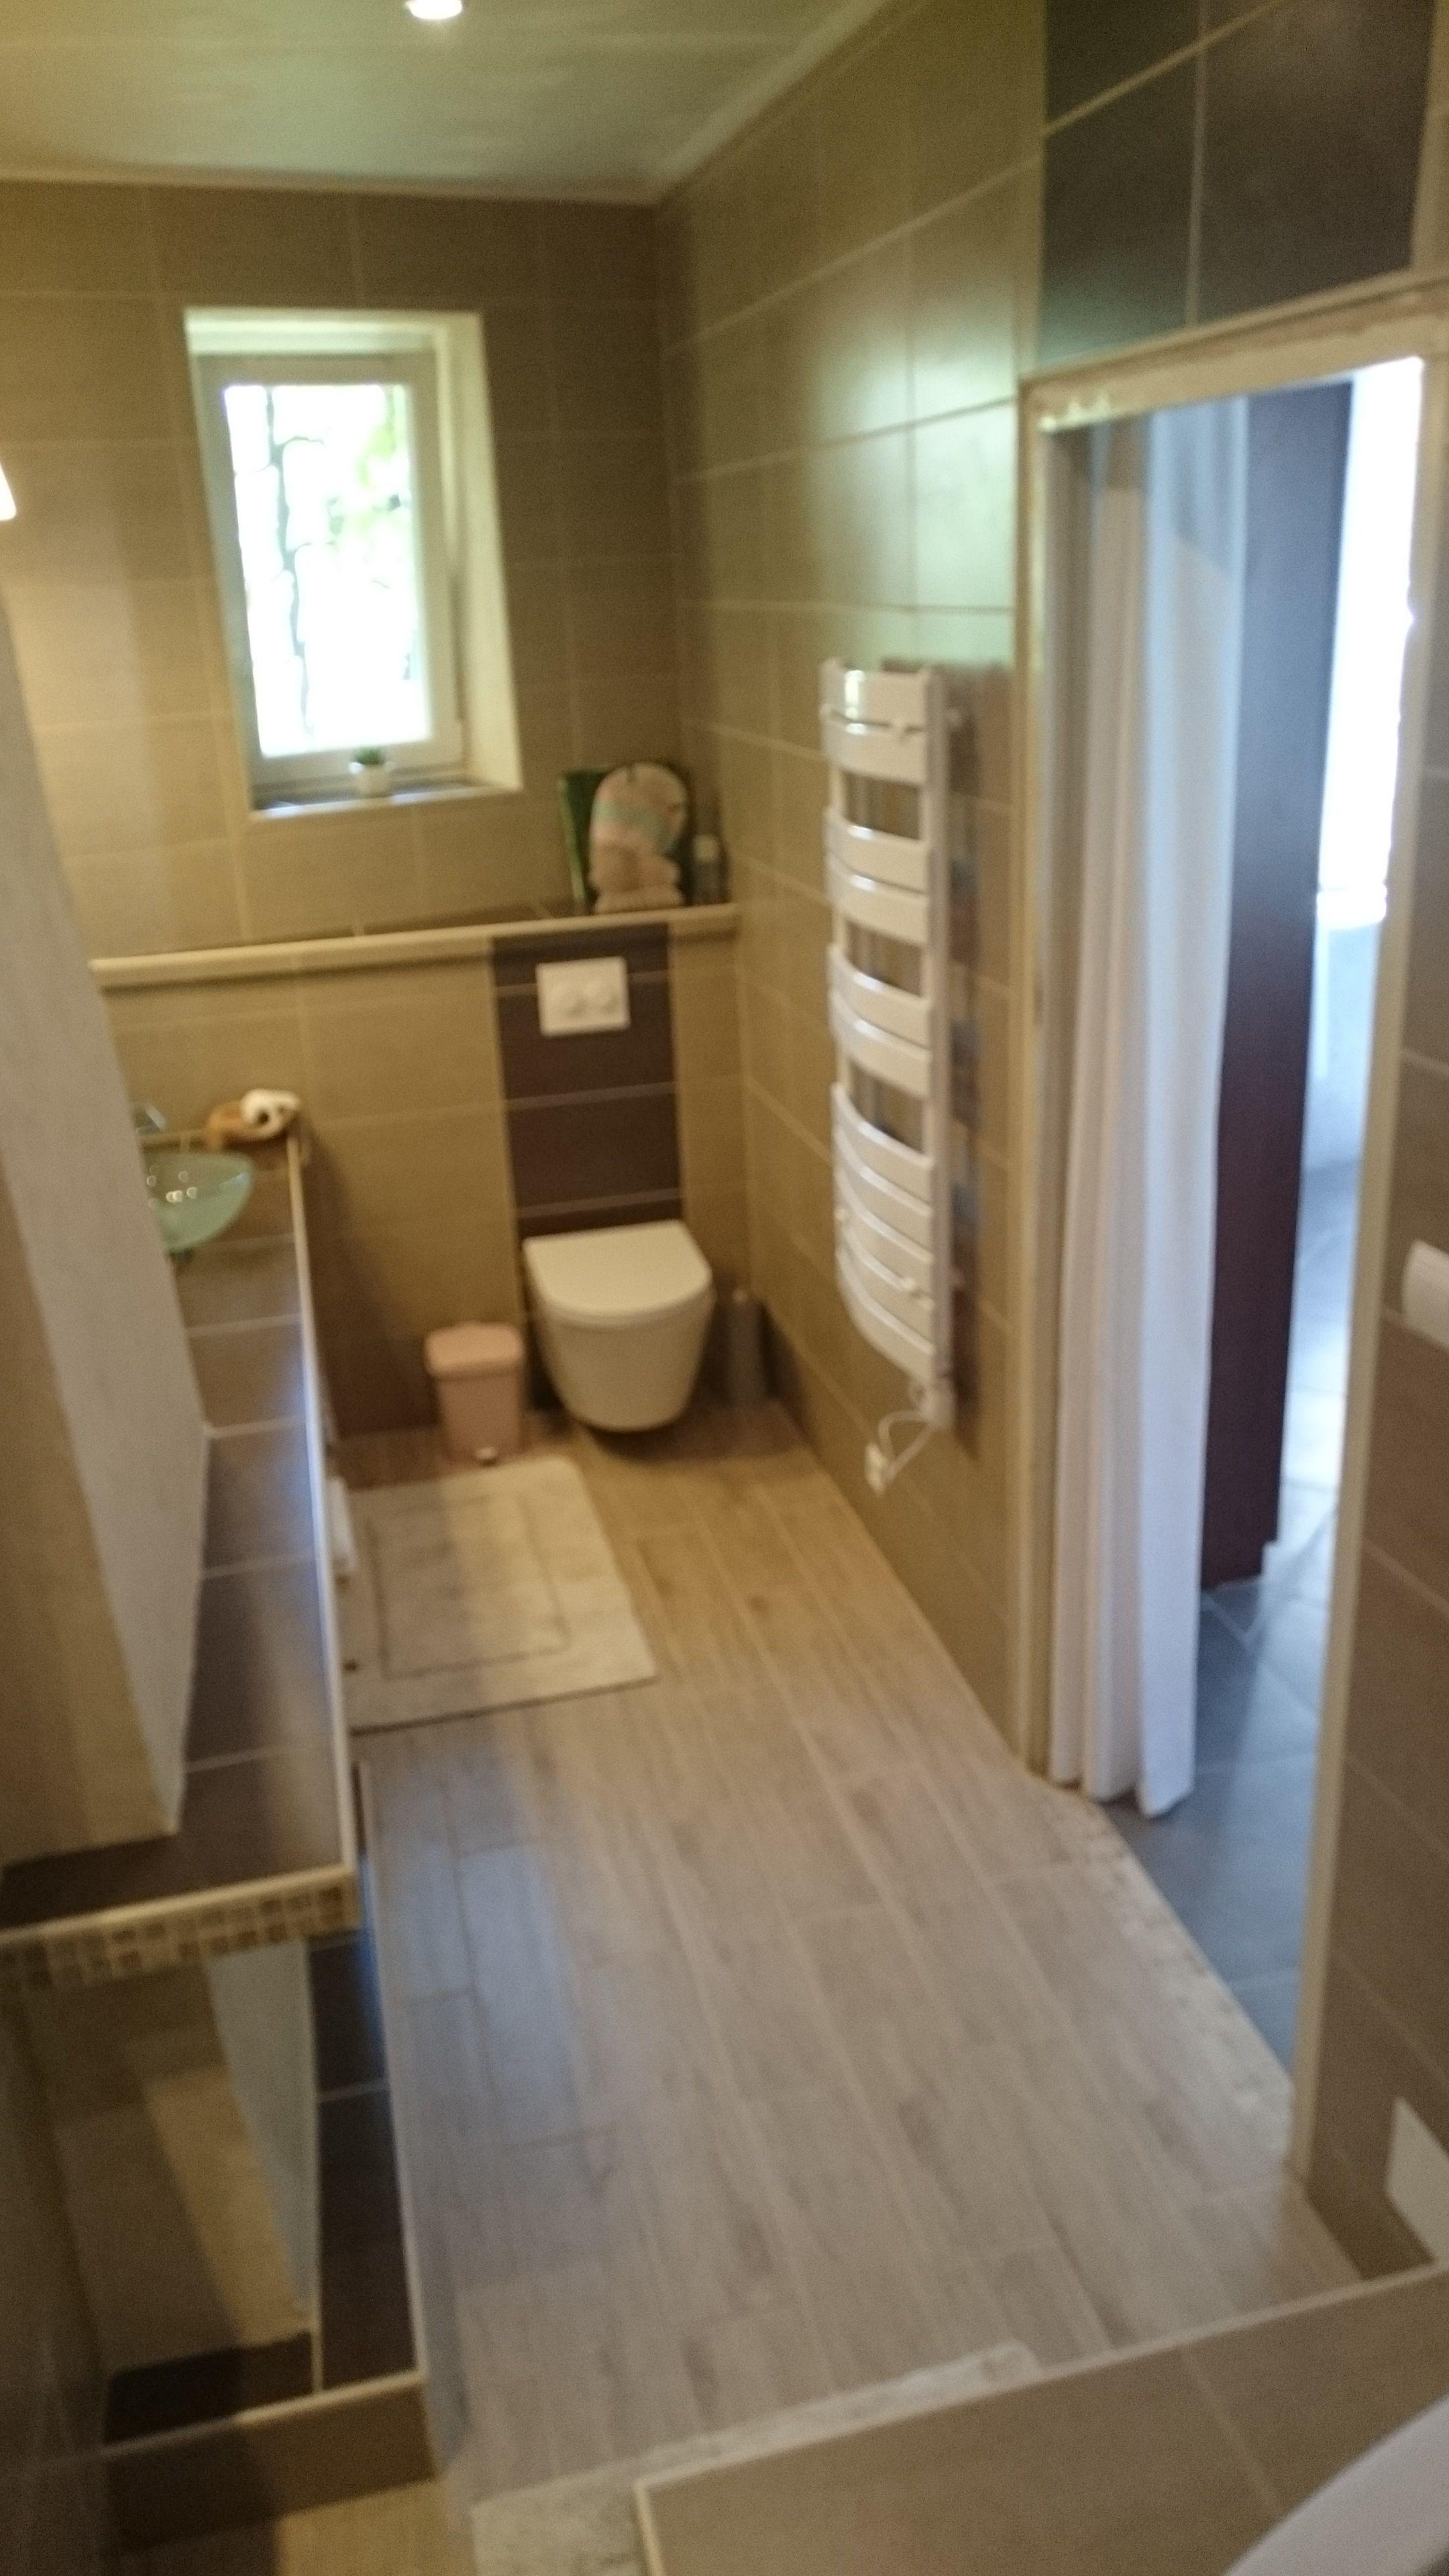 salle de bain de ma chambre parentale coin wc et entre wc suspendu - Salle De Bain Dans Chambre Parentale